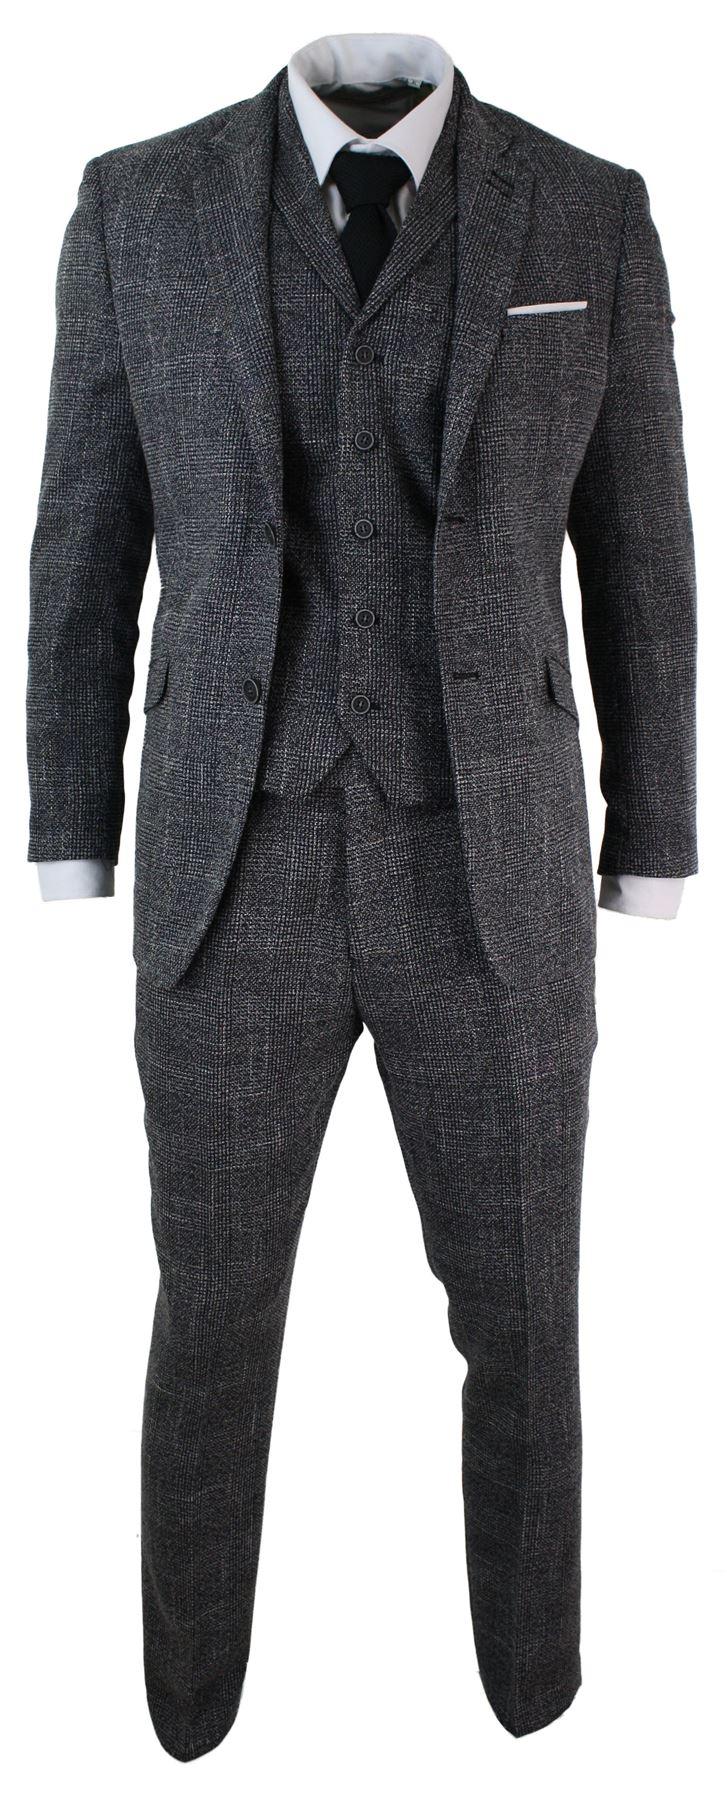 costume 3 pi ces homme tweed chevrons gris noir coupe ceintr e vintage r tro ebay. Black Bedroom Furniture Sets. Home Design Ideas